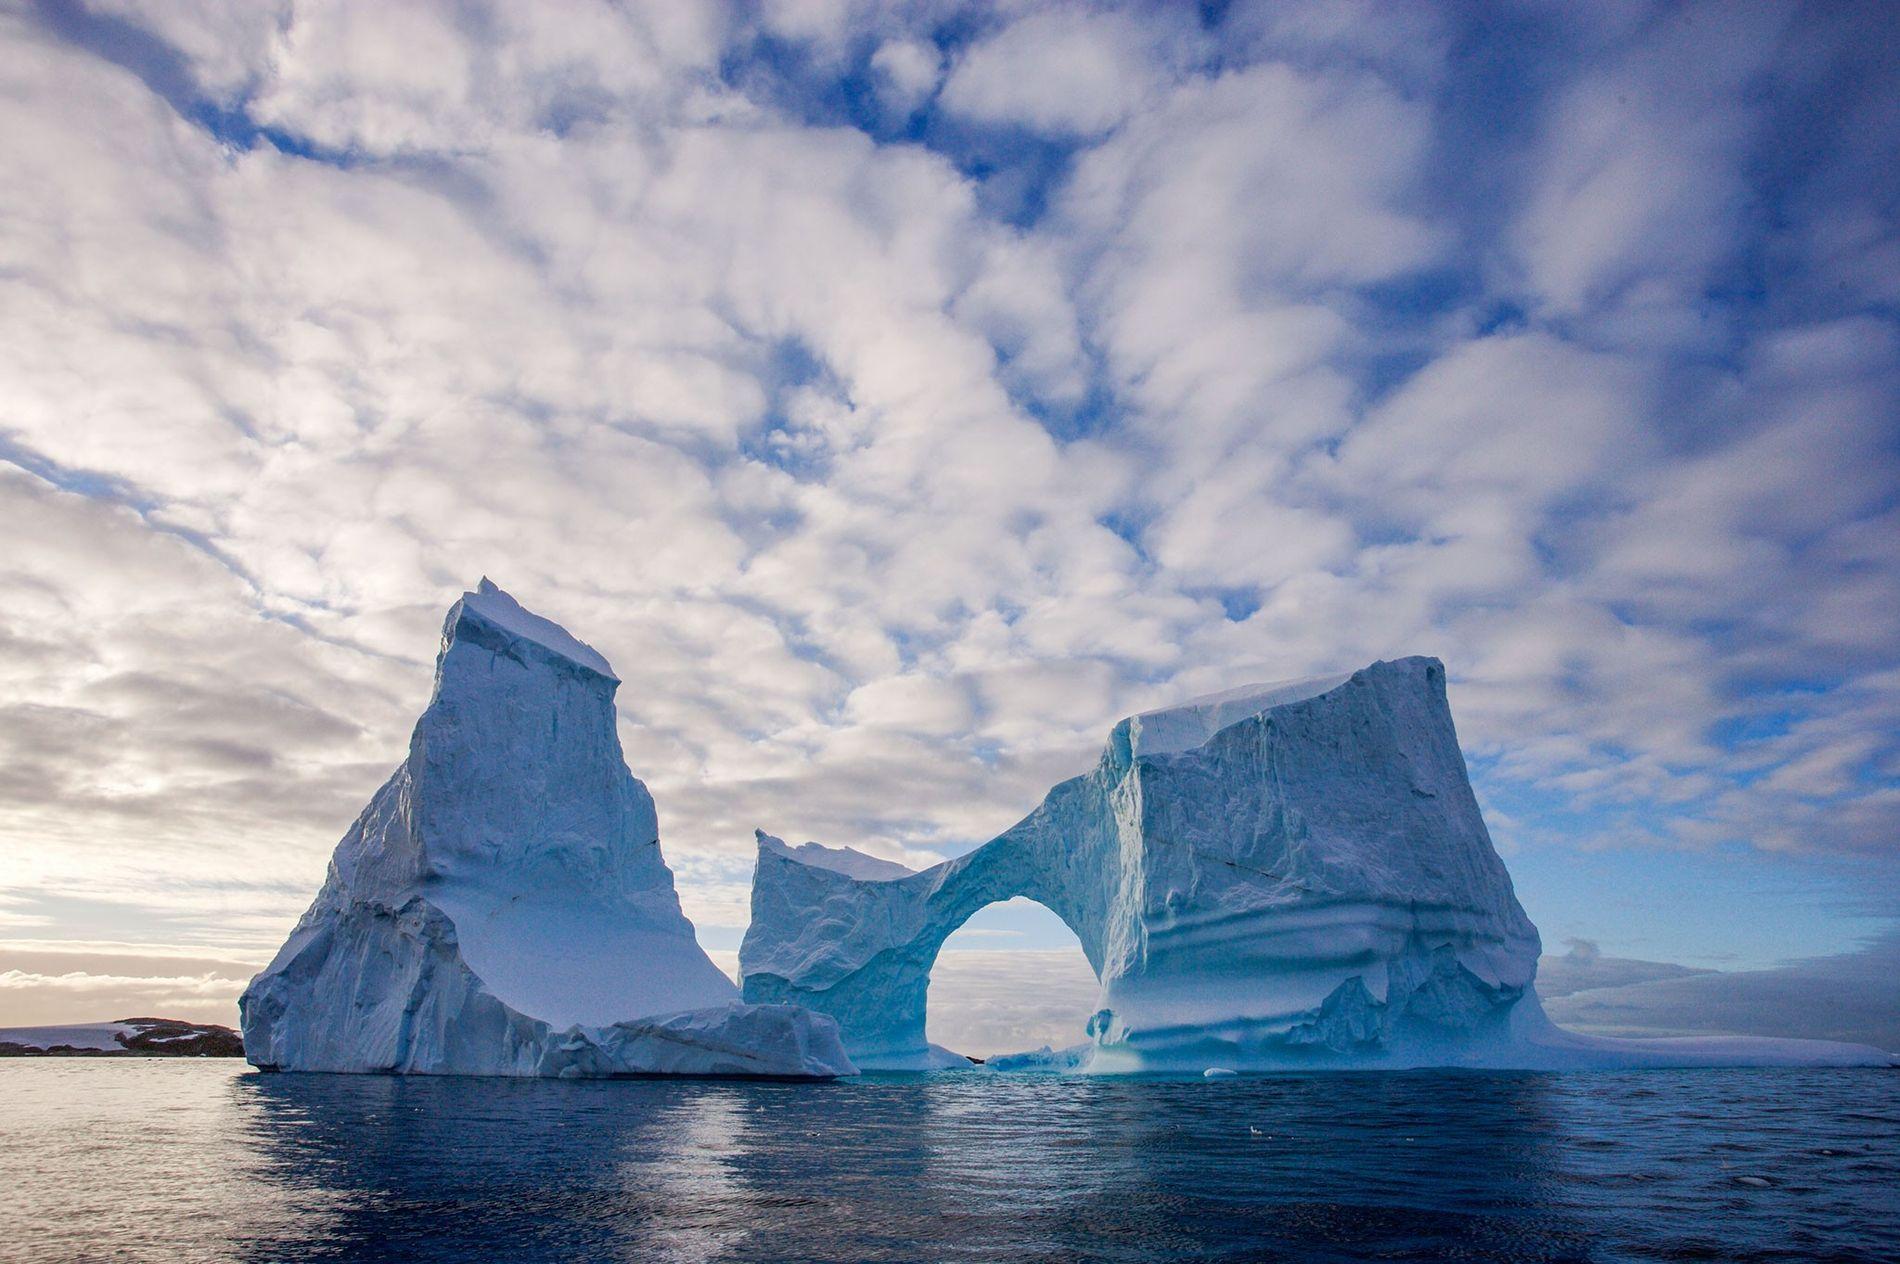 D'après de nouvelles données scientifiques, le trou de la couche d'ozone au-dessus de l'Antarctique est en train de se refermer.